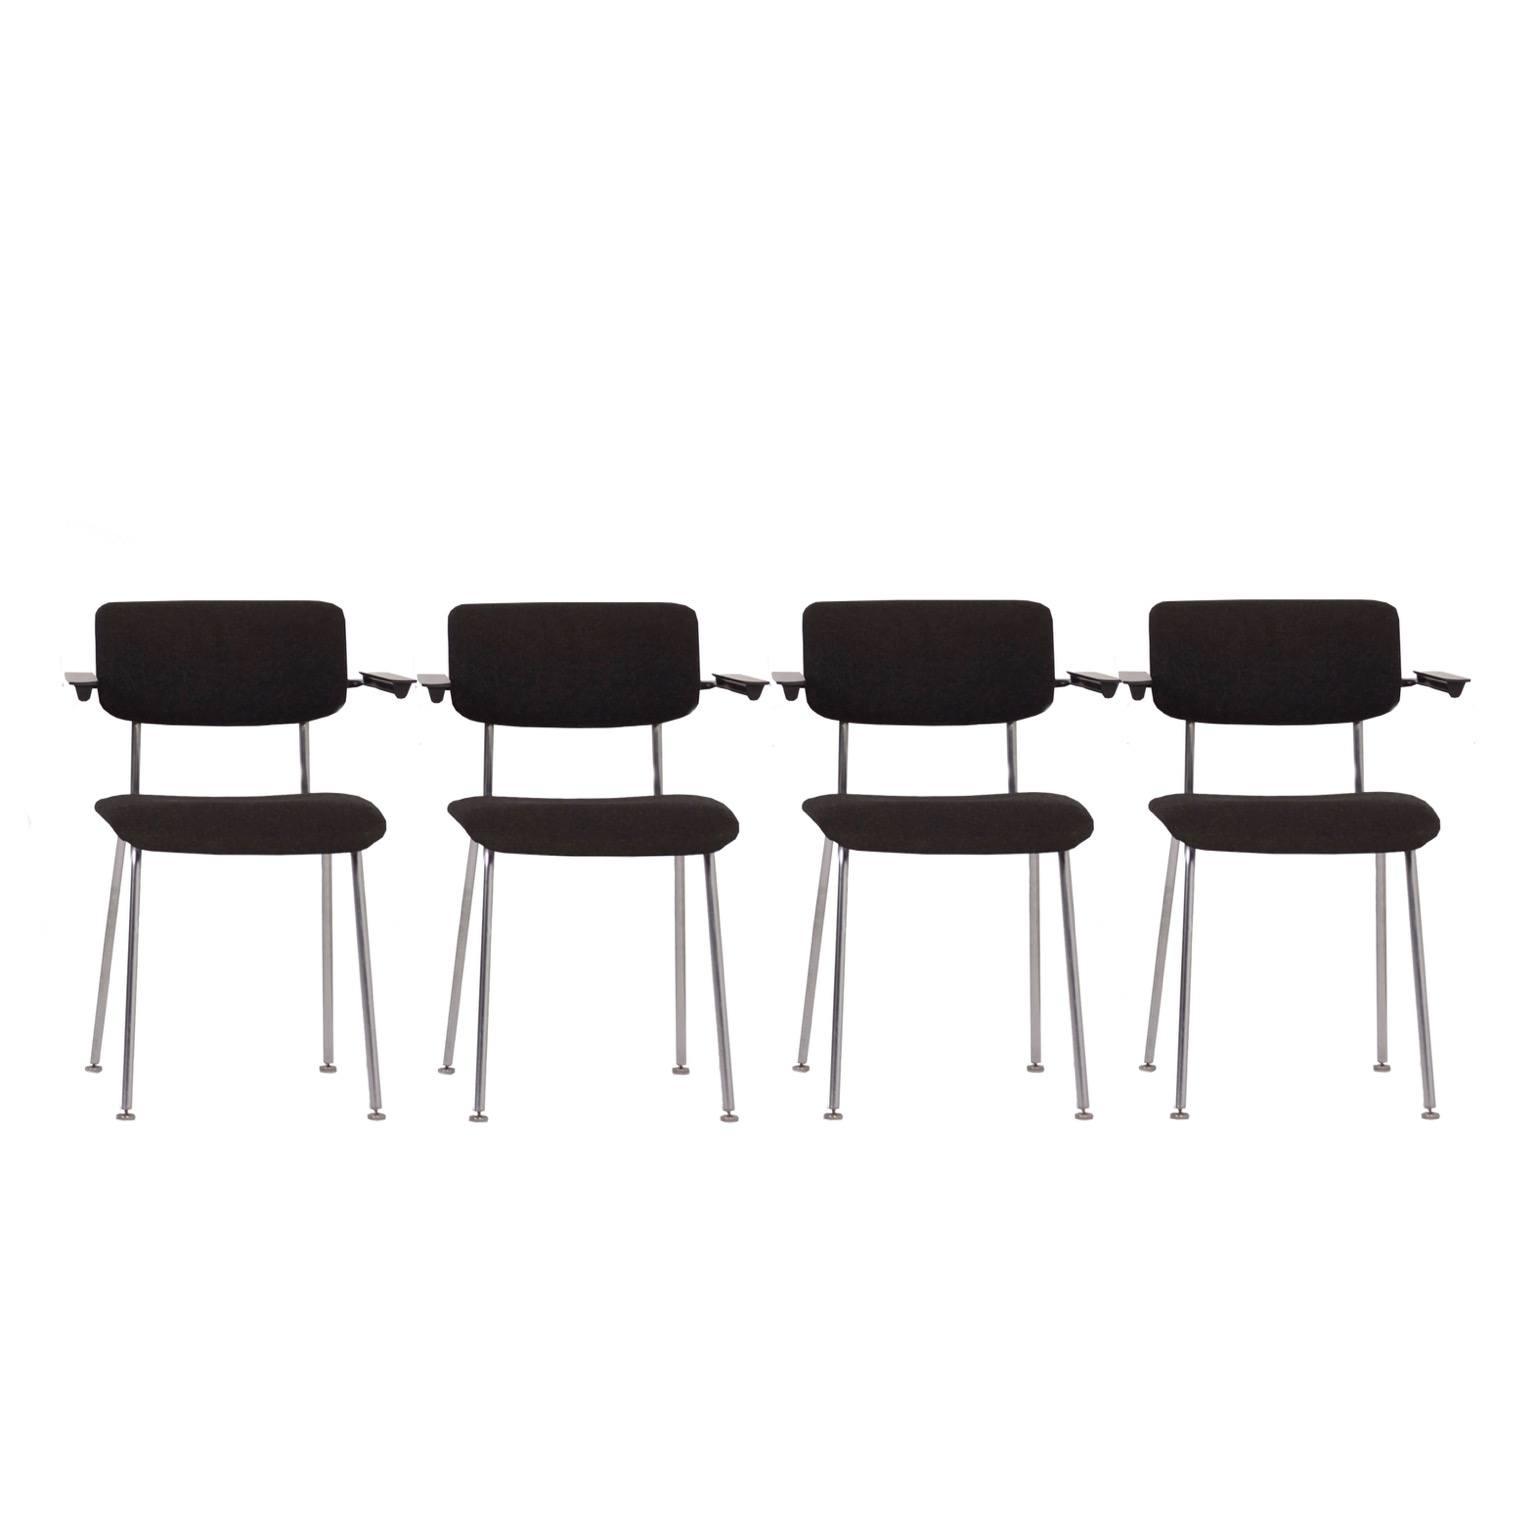 president office chair gispen. President Office Chair Gispen. Model 1235 Tubular Chairs By Gispen V